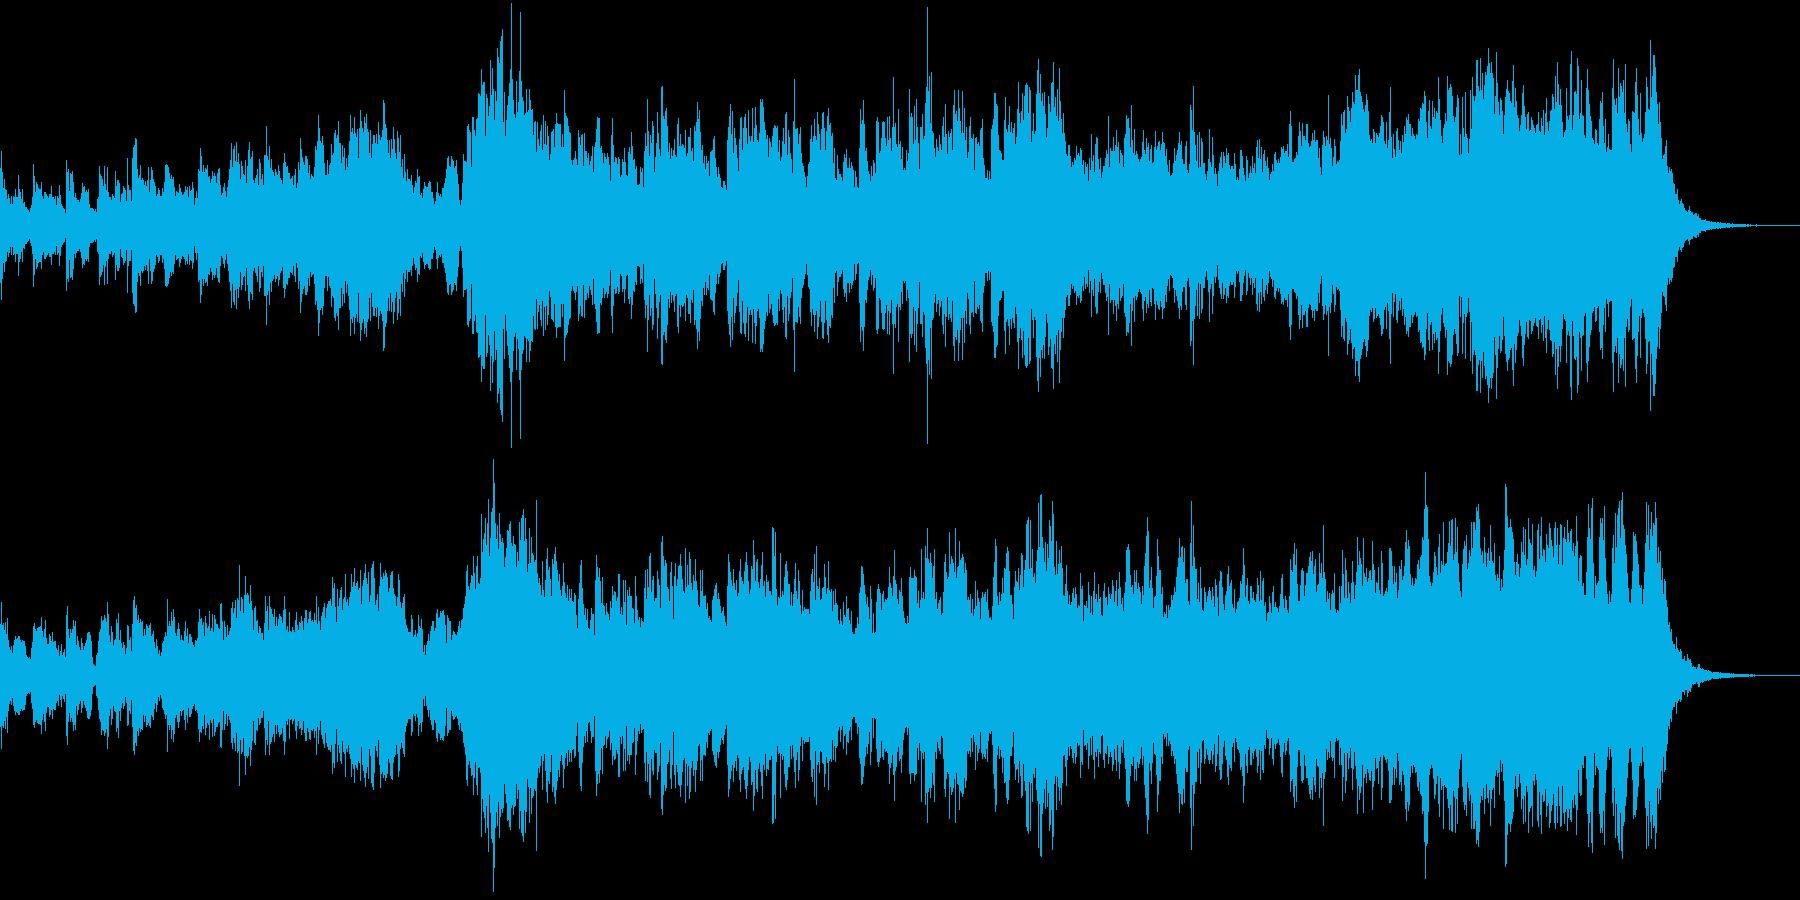 戦いの始まり・ファンタジーオーケストラの再生済みの波形